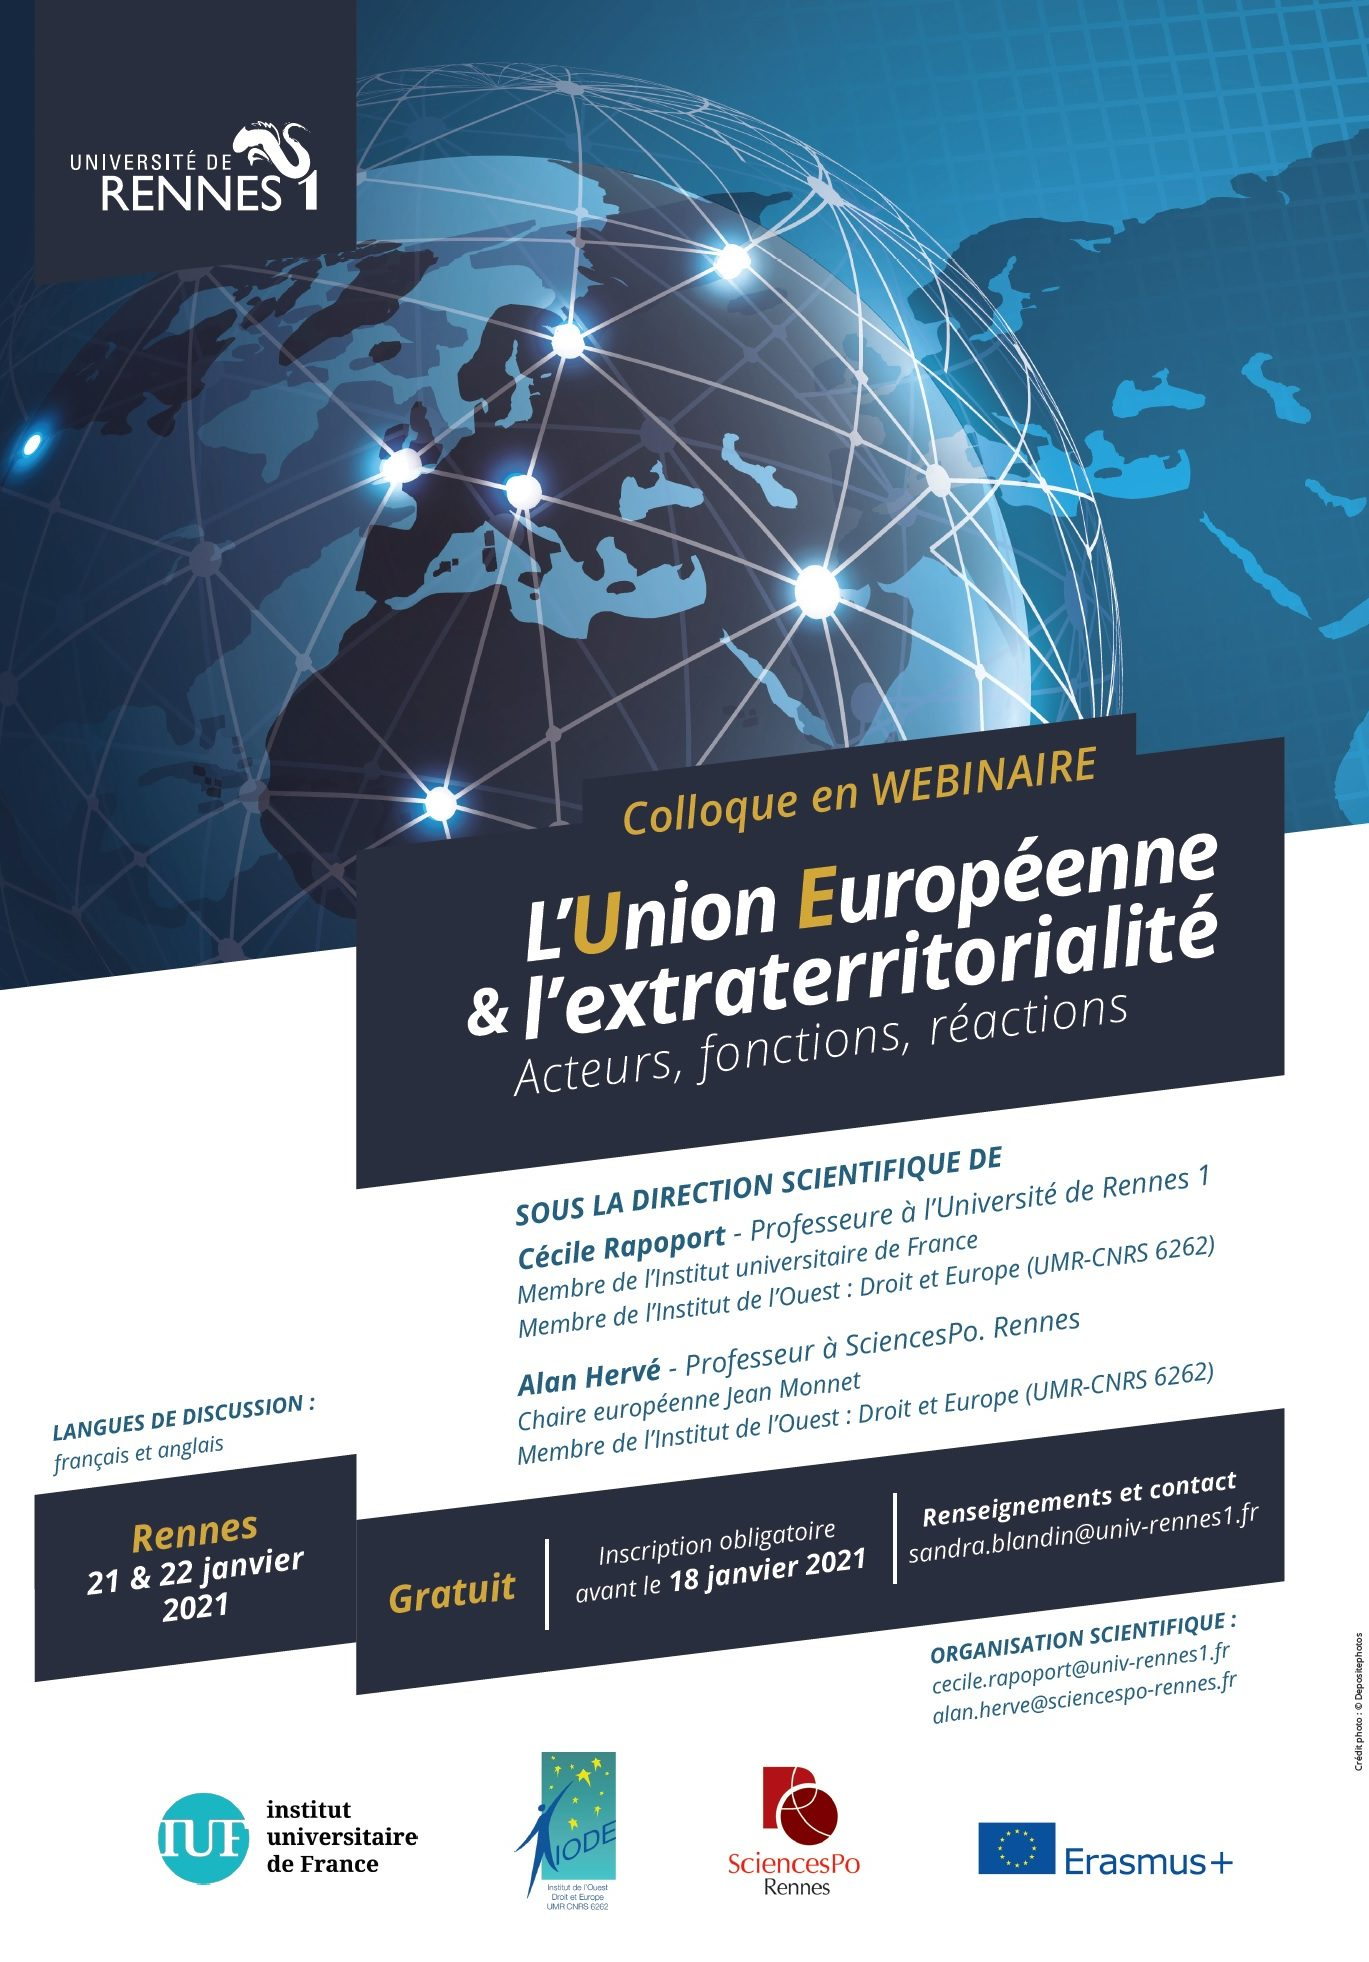 """Colloque en webinaire les 21 et 22 janvier 2021 """"L'Union Européenne et l'extraterritorialité"""" Acteurs, fonctions, réactions."""""""